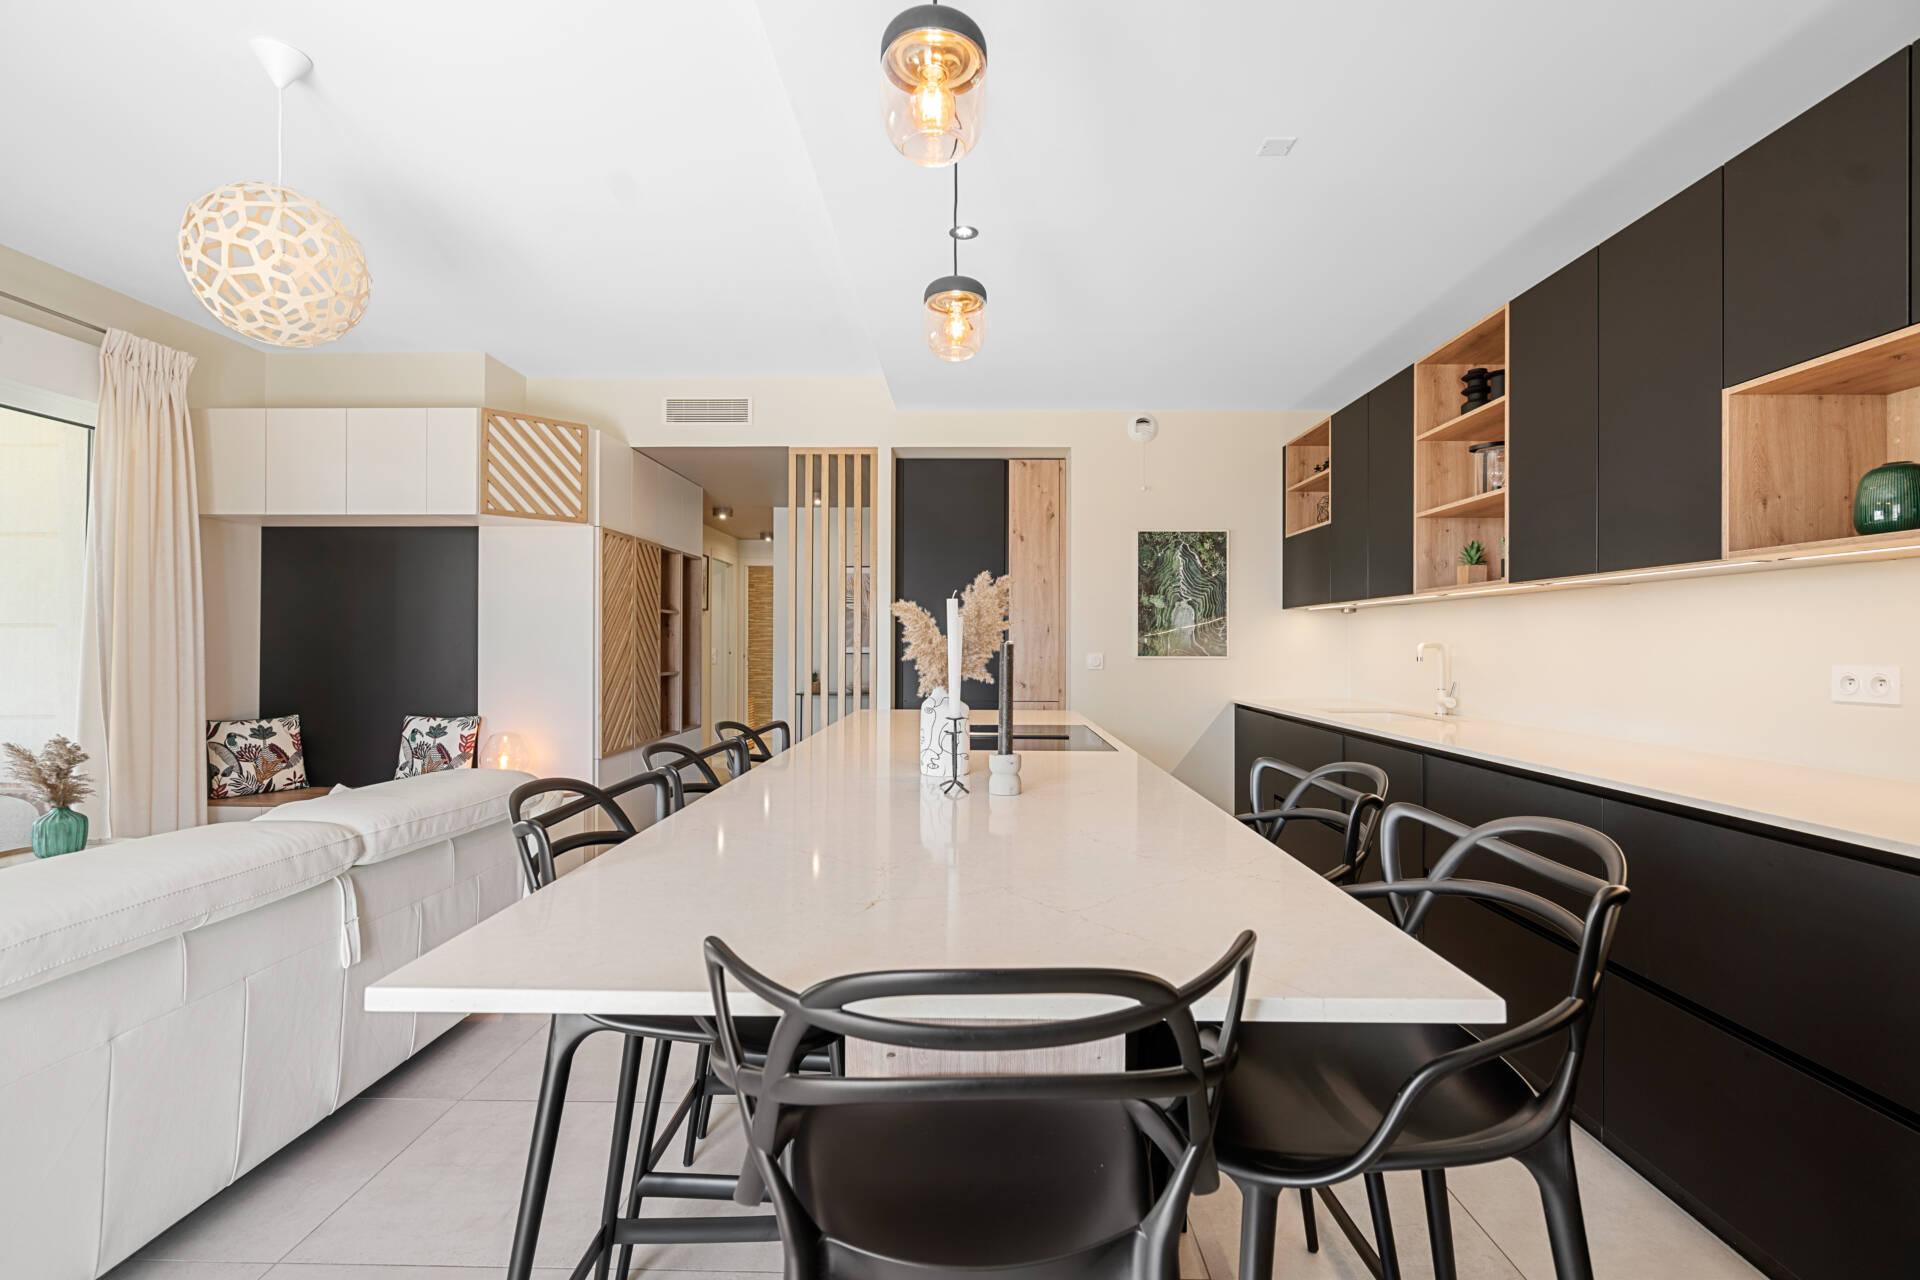 Décoration et agencement Appartement neuf Aix en Provence - Cuisine noire et bois avec meuble sur mesure et claustra, par Myll décors , Agence de décoration à Aix en Provence et dans le Var